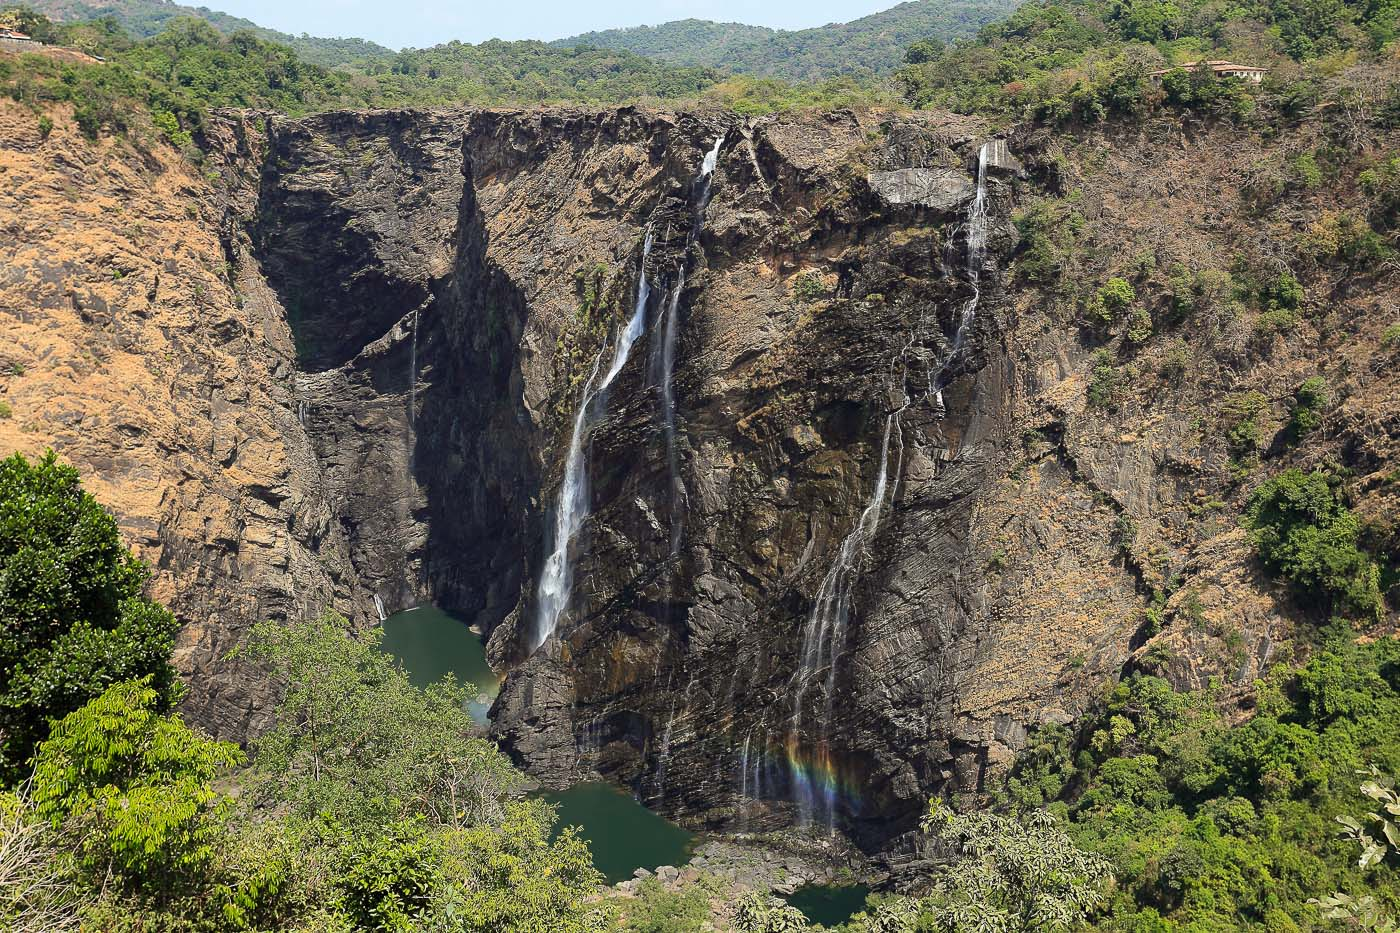 Фото №26. Водопад Джог. Какие интересные места можно увидеть в штате Карнатака. Отзывы туристов о посещении Индии. Камера Canon EOS 6D. Объектив Canon 24-70, 1/80, -1 eV, f 7.1, 36mm, ISO 100.